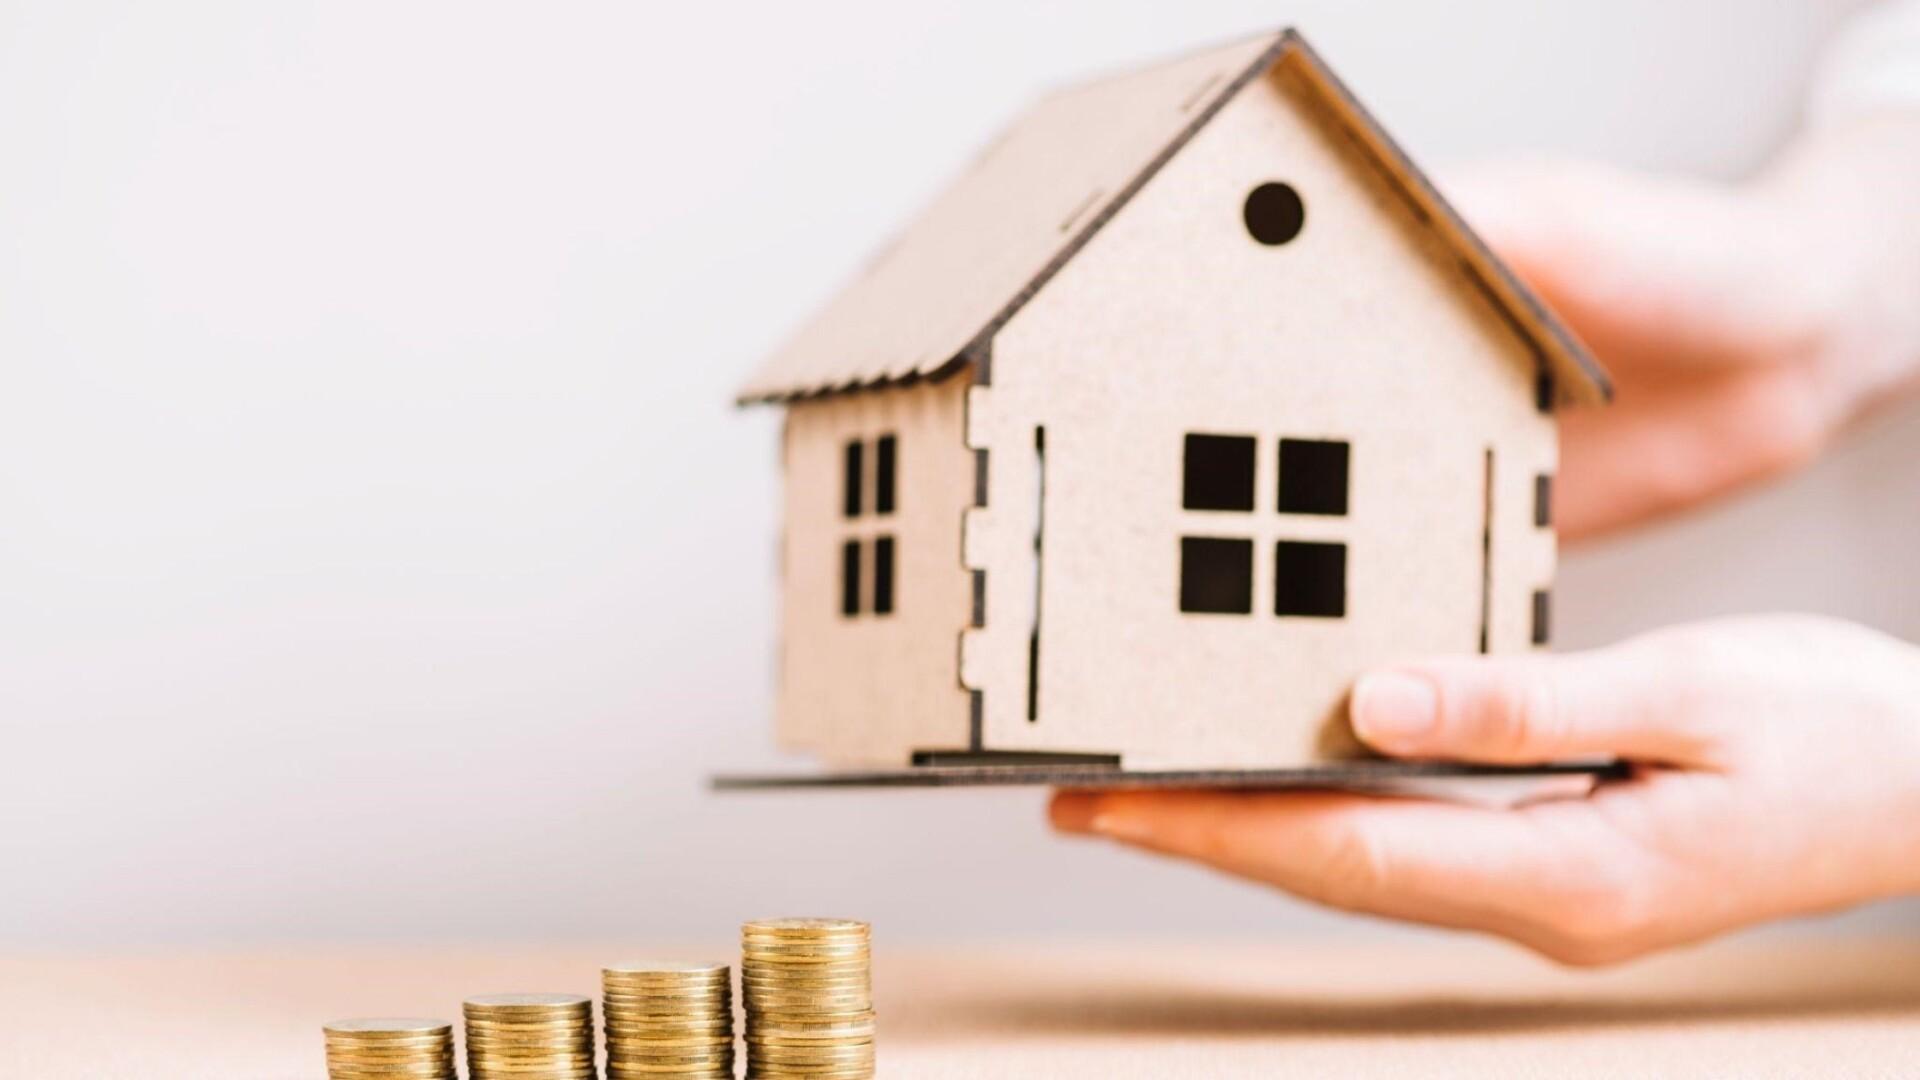 ¿Cuándo es bueno negociar el precio de una vivienda?